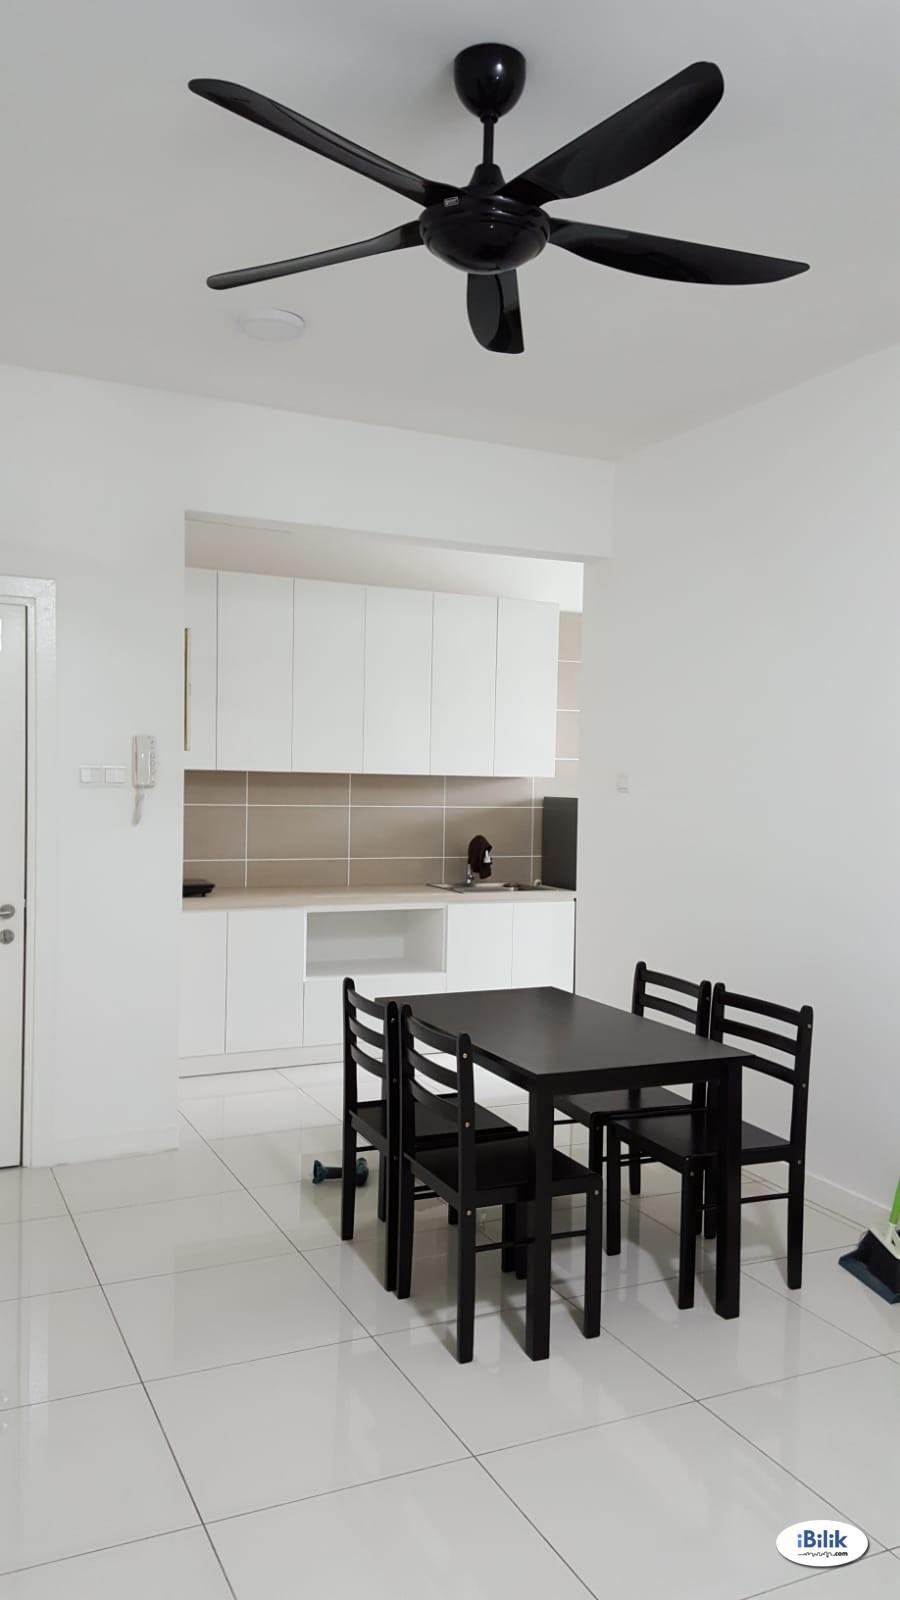 Find Room For Rent Homestay For Rent Middle Room At Epic Residences Johor Bahru Low Deposit